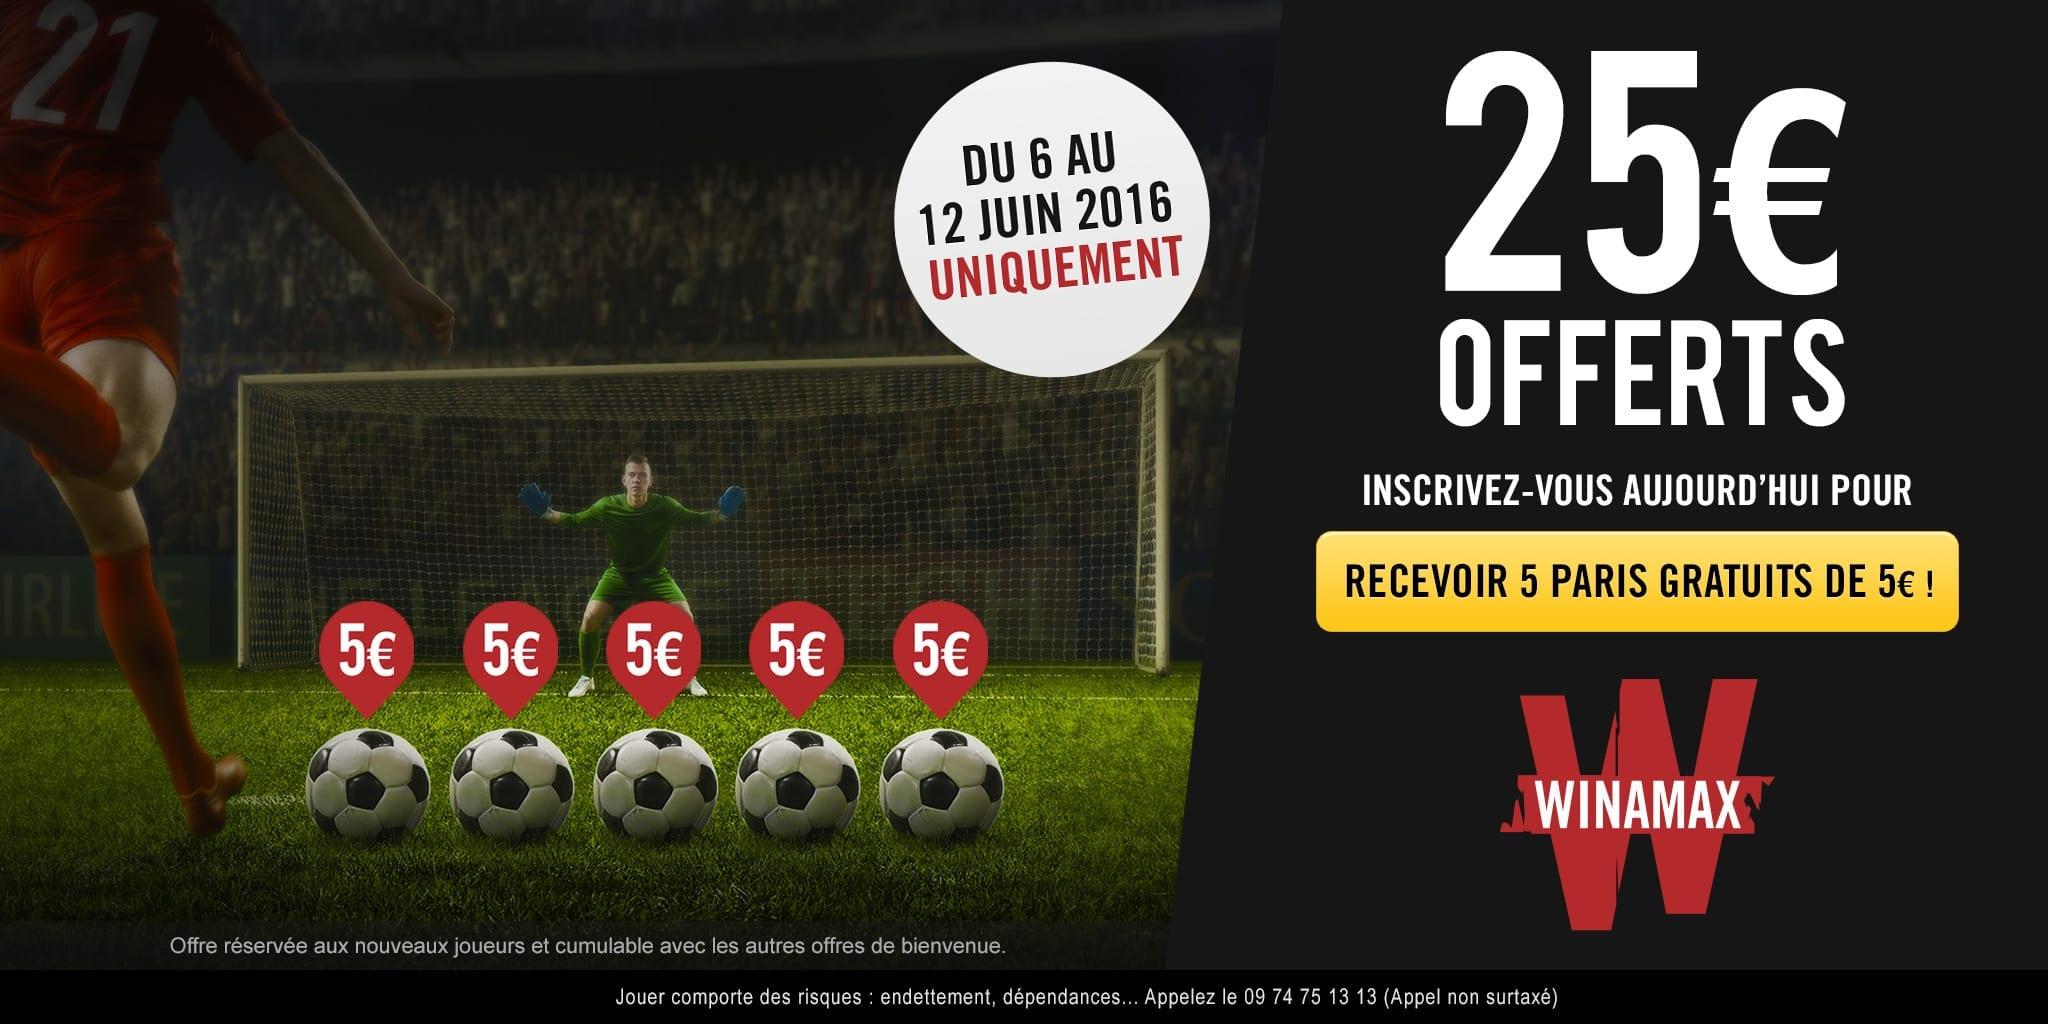 25€ de paris gratuits chez Winamax pour l'Euro 2016